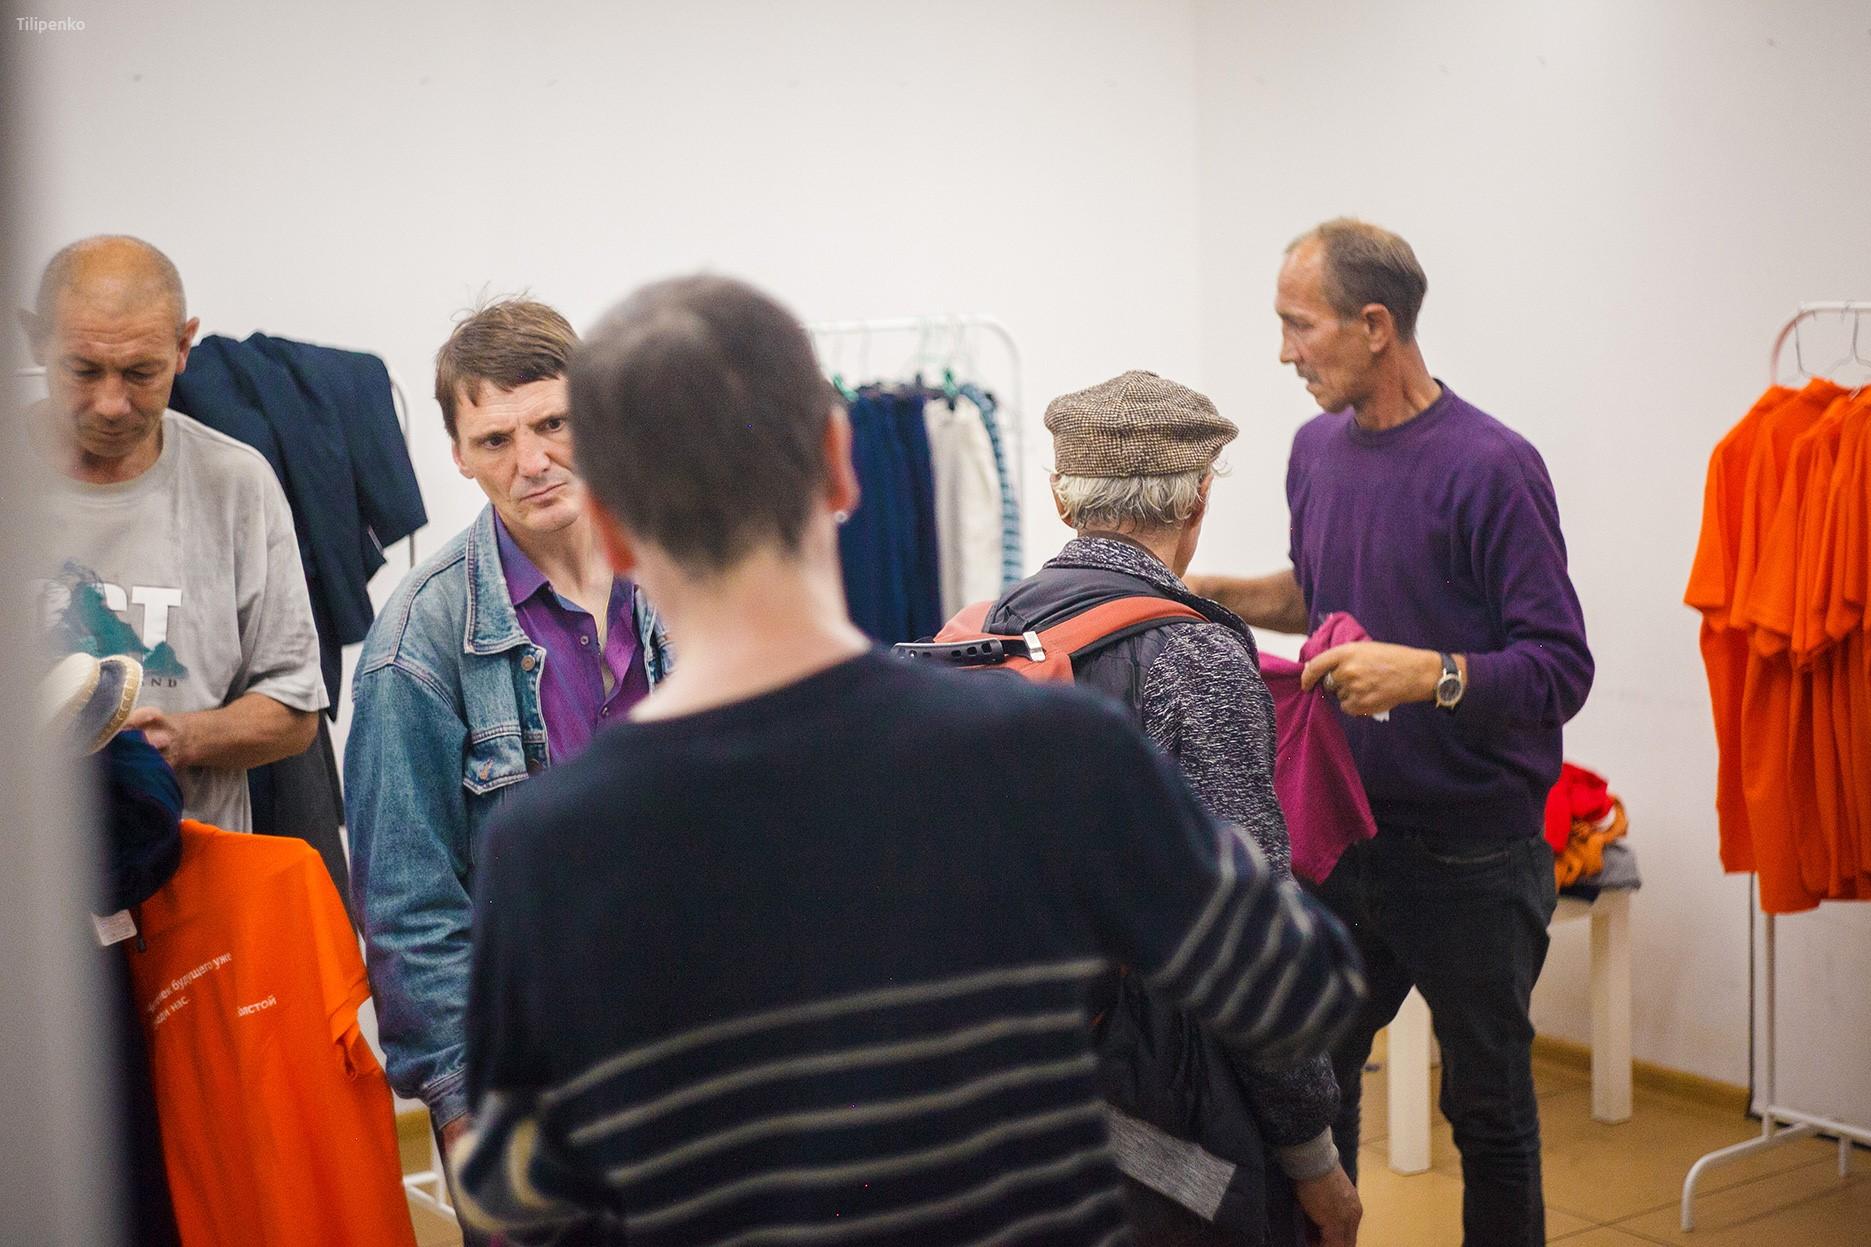 Бесплатный магазин одежды для бездомных мужчин